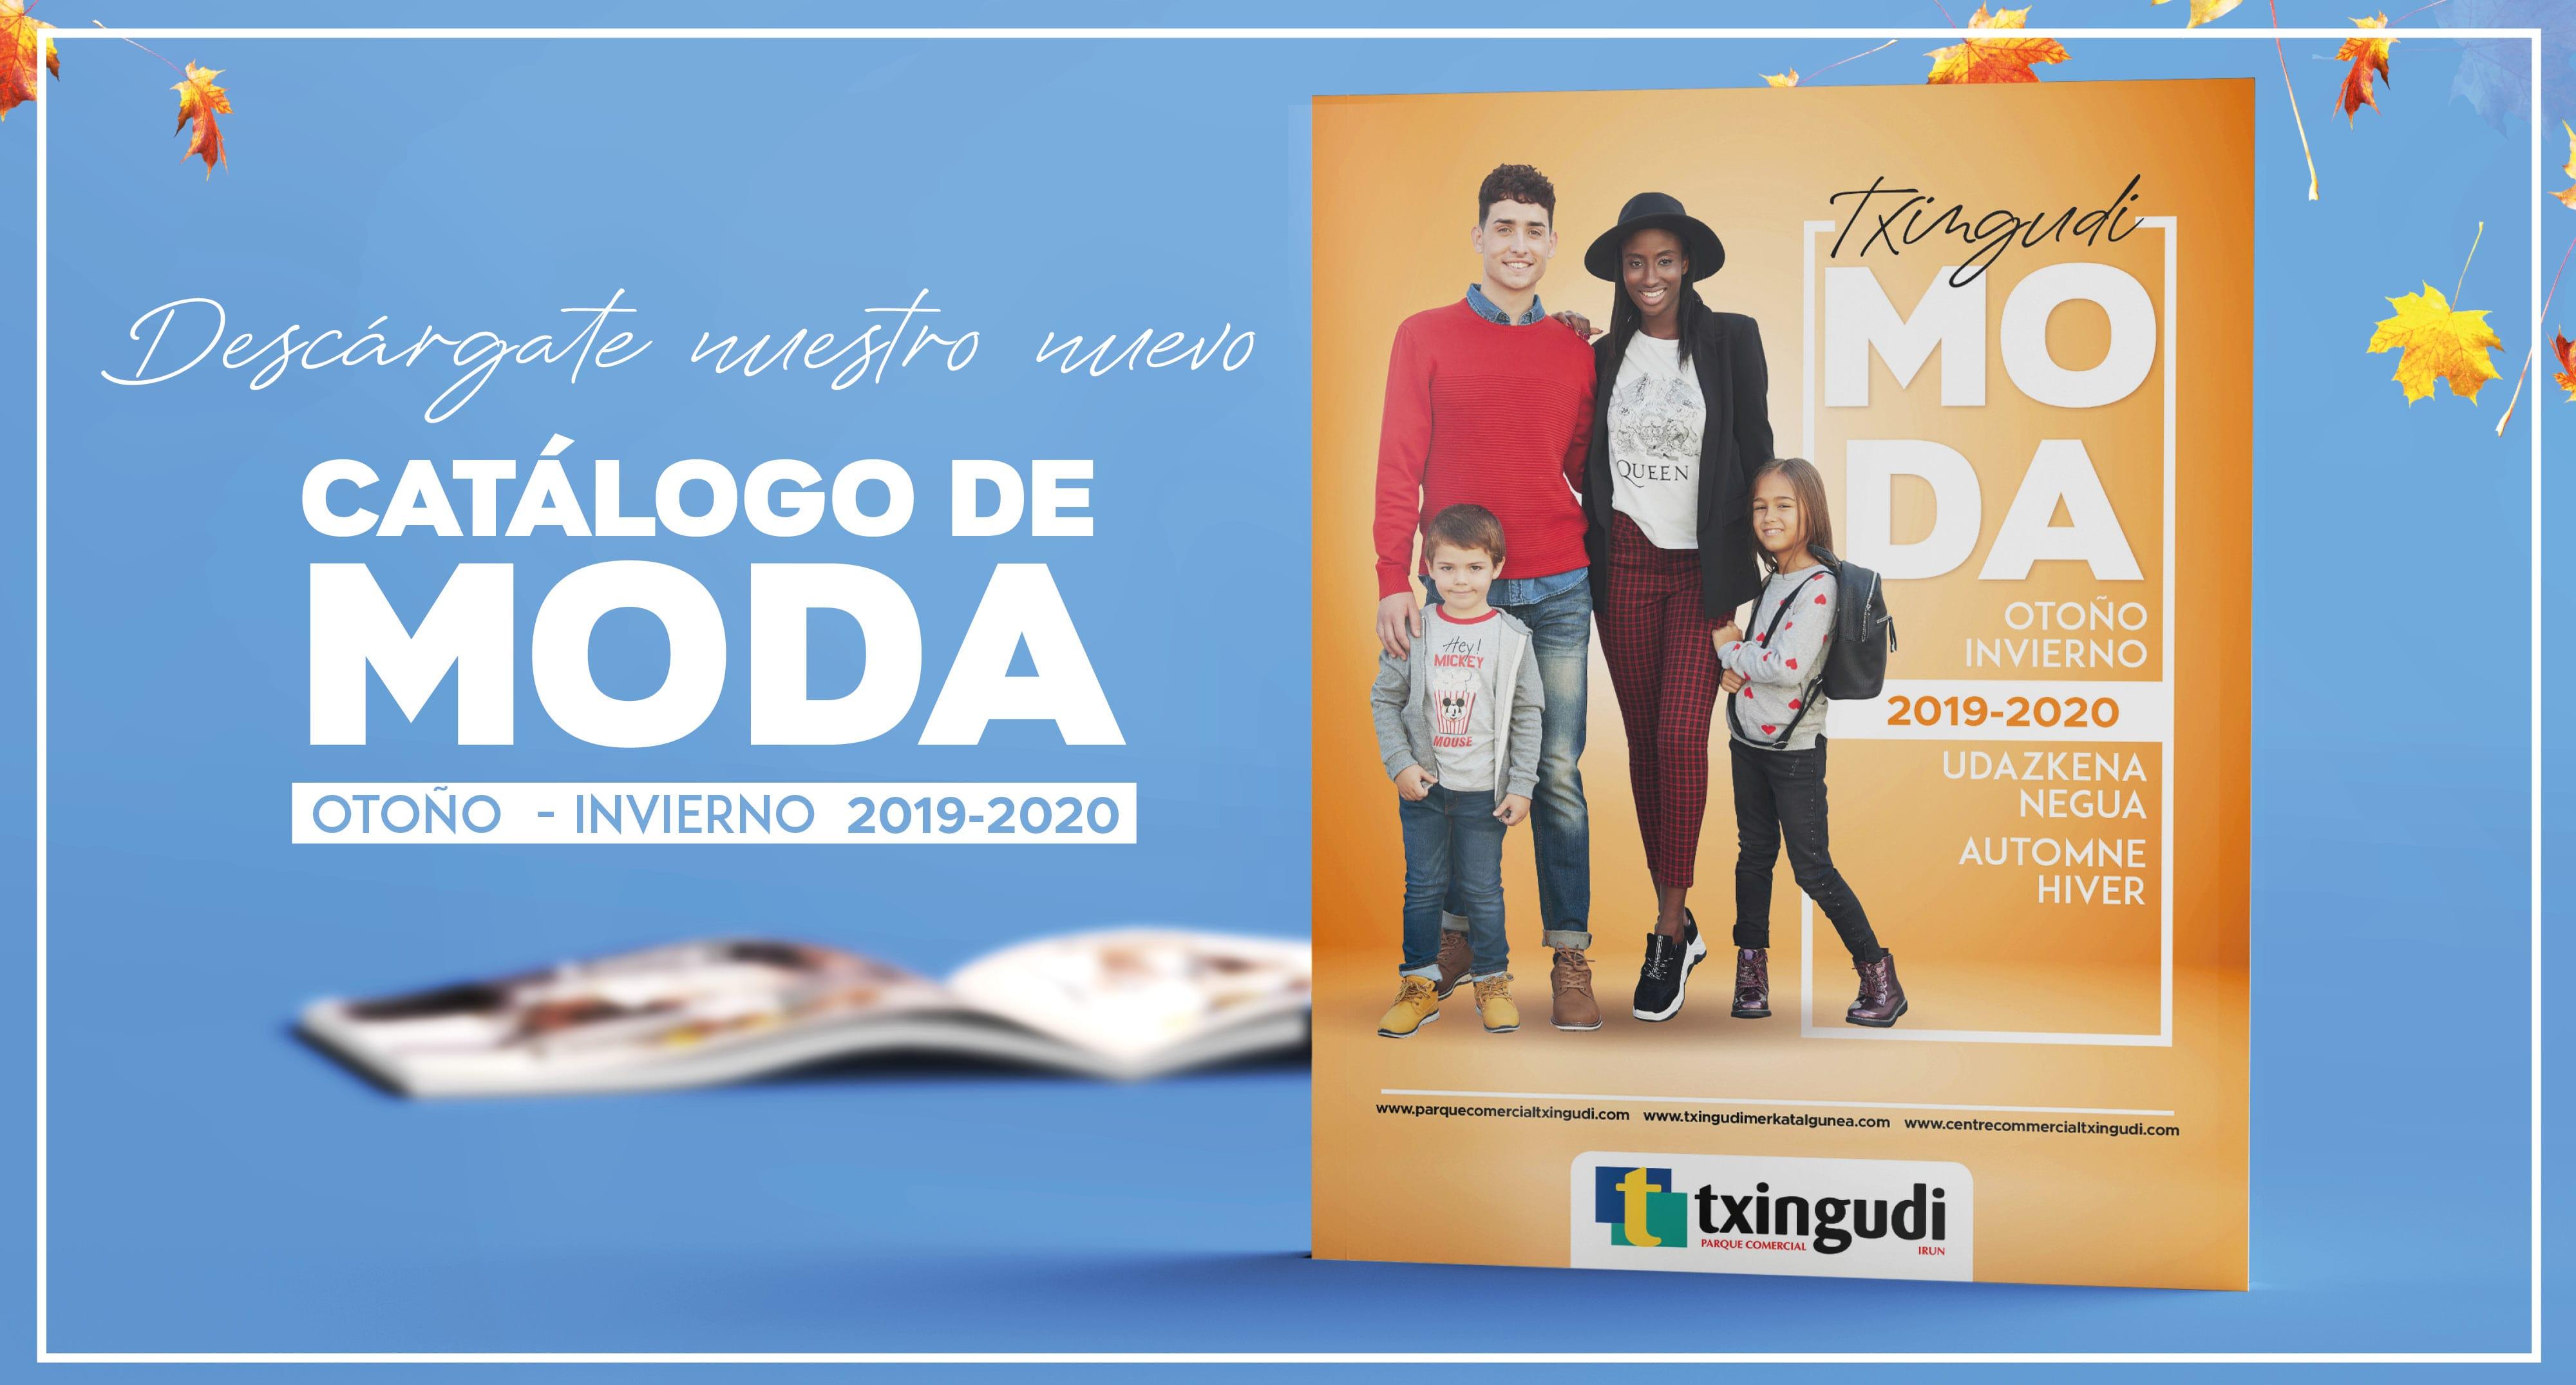 ¡Ya está disponible nuestro catálogo de moda Otoño - Invierno 2019/20!